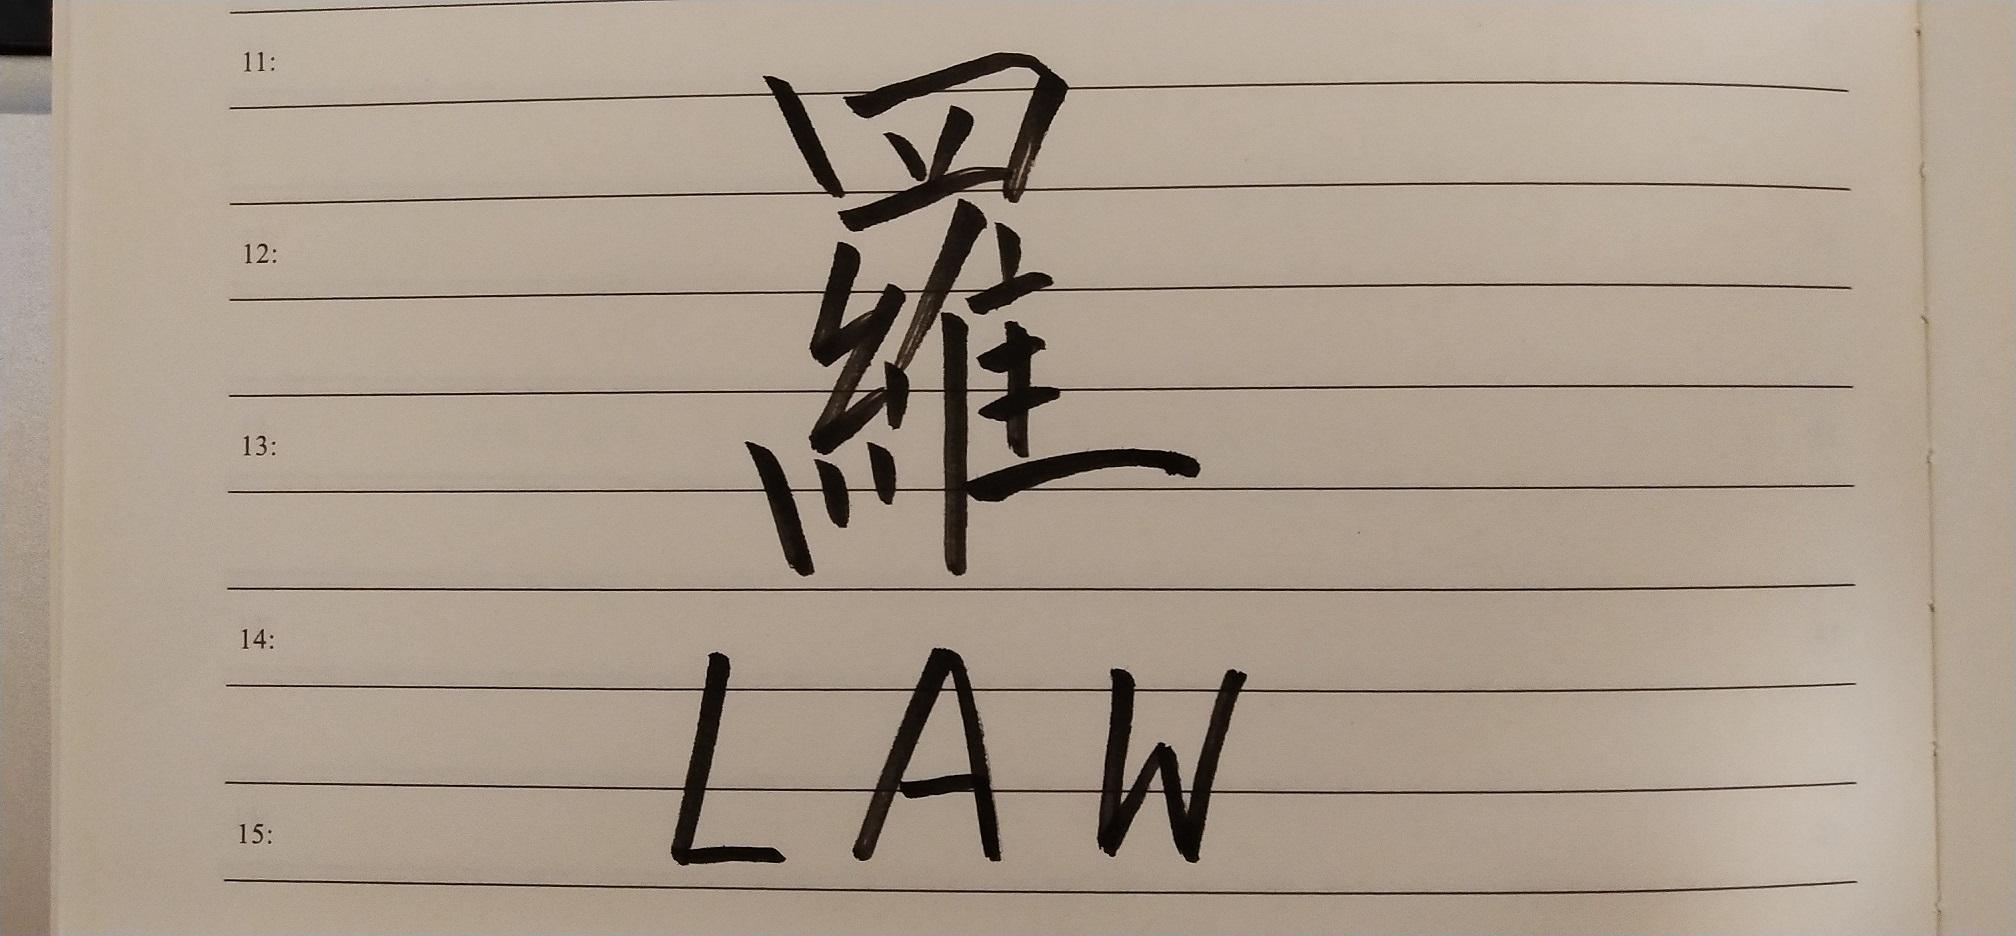 羅 (LAW) is Frank the tour guide's surname.